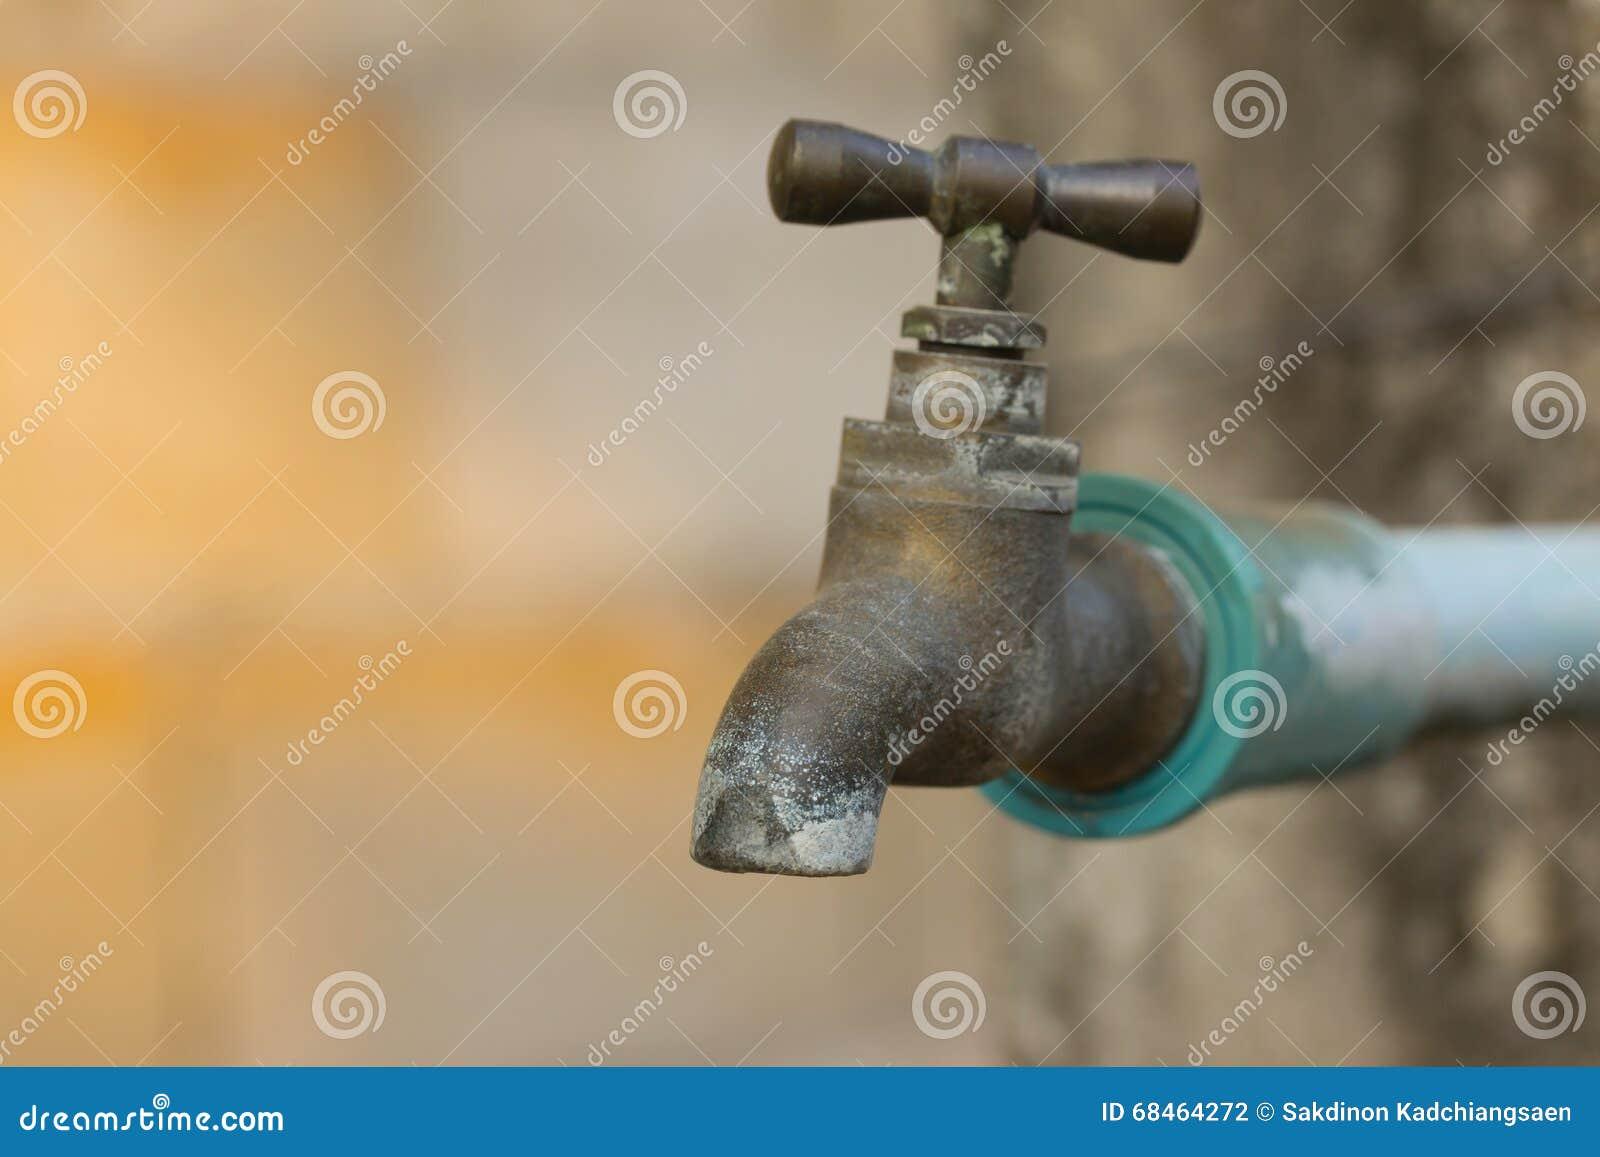 Упадите, для того чтобы оценить значение воды